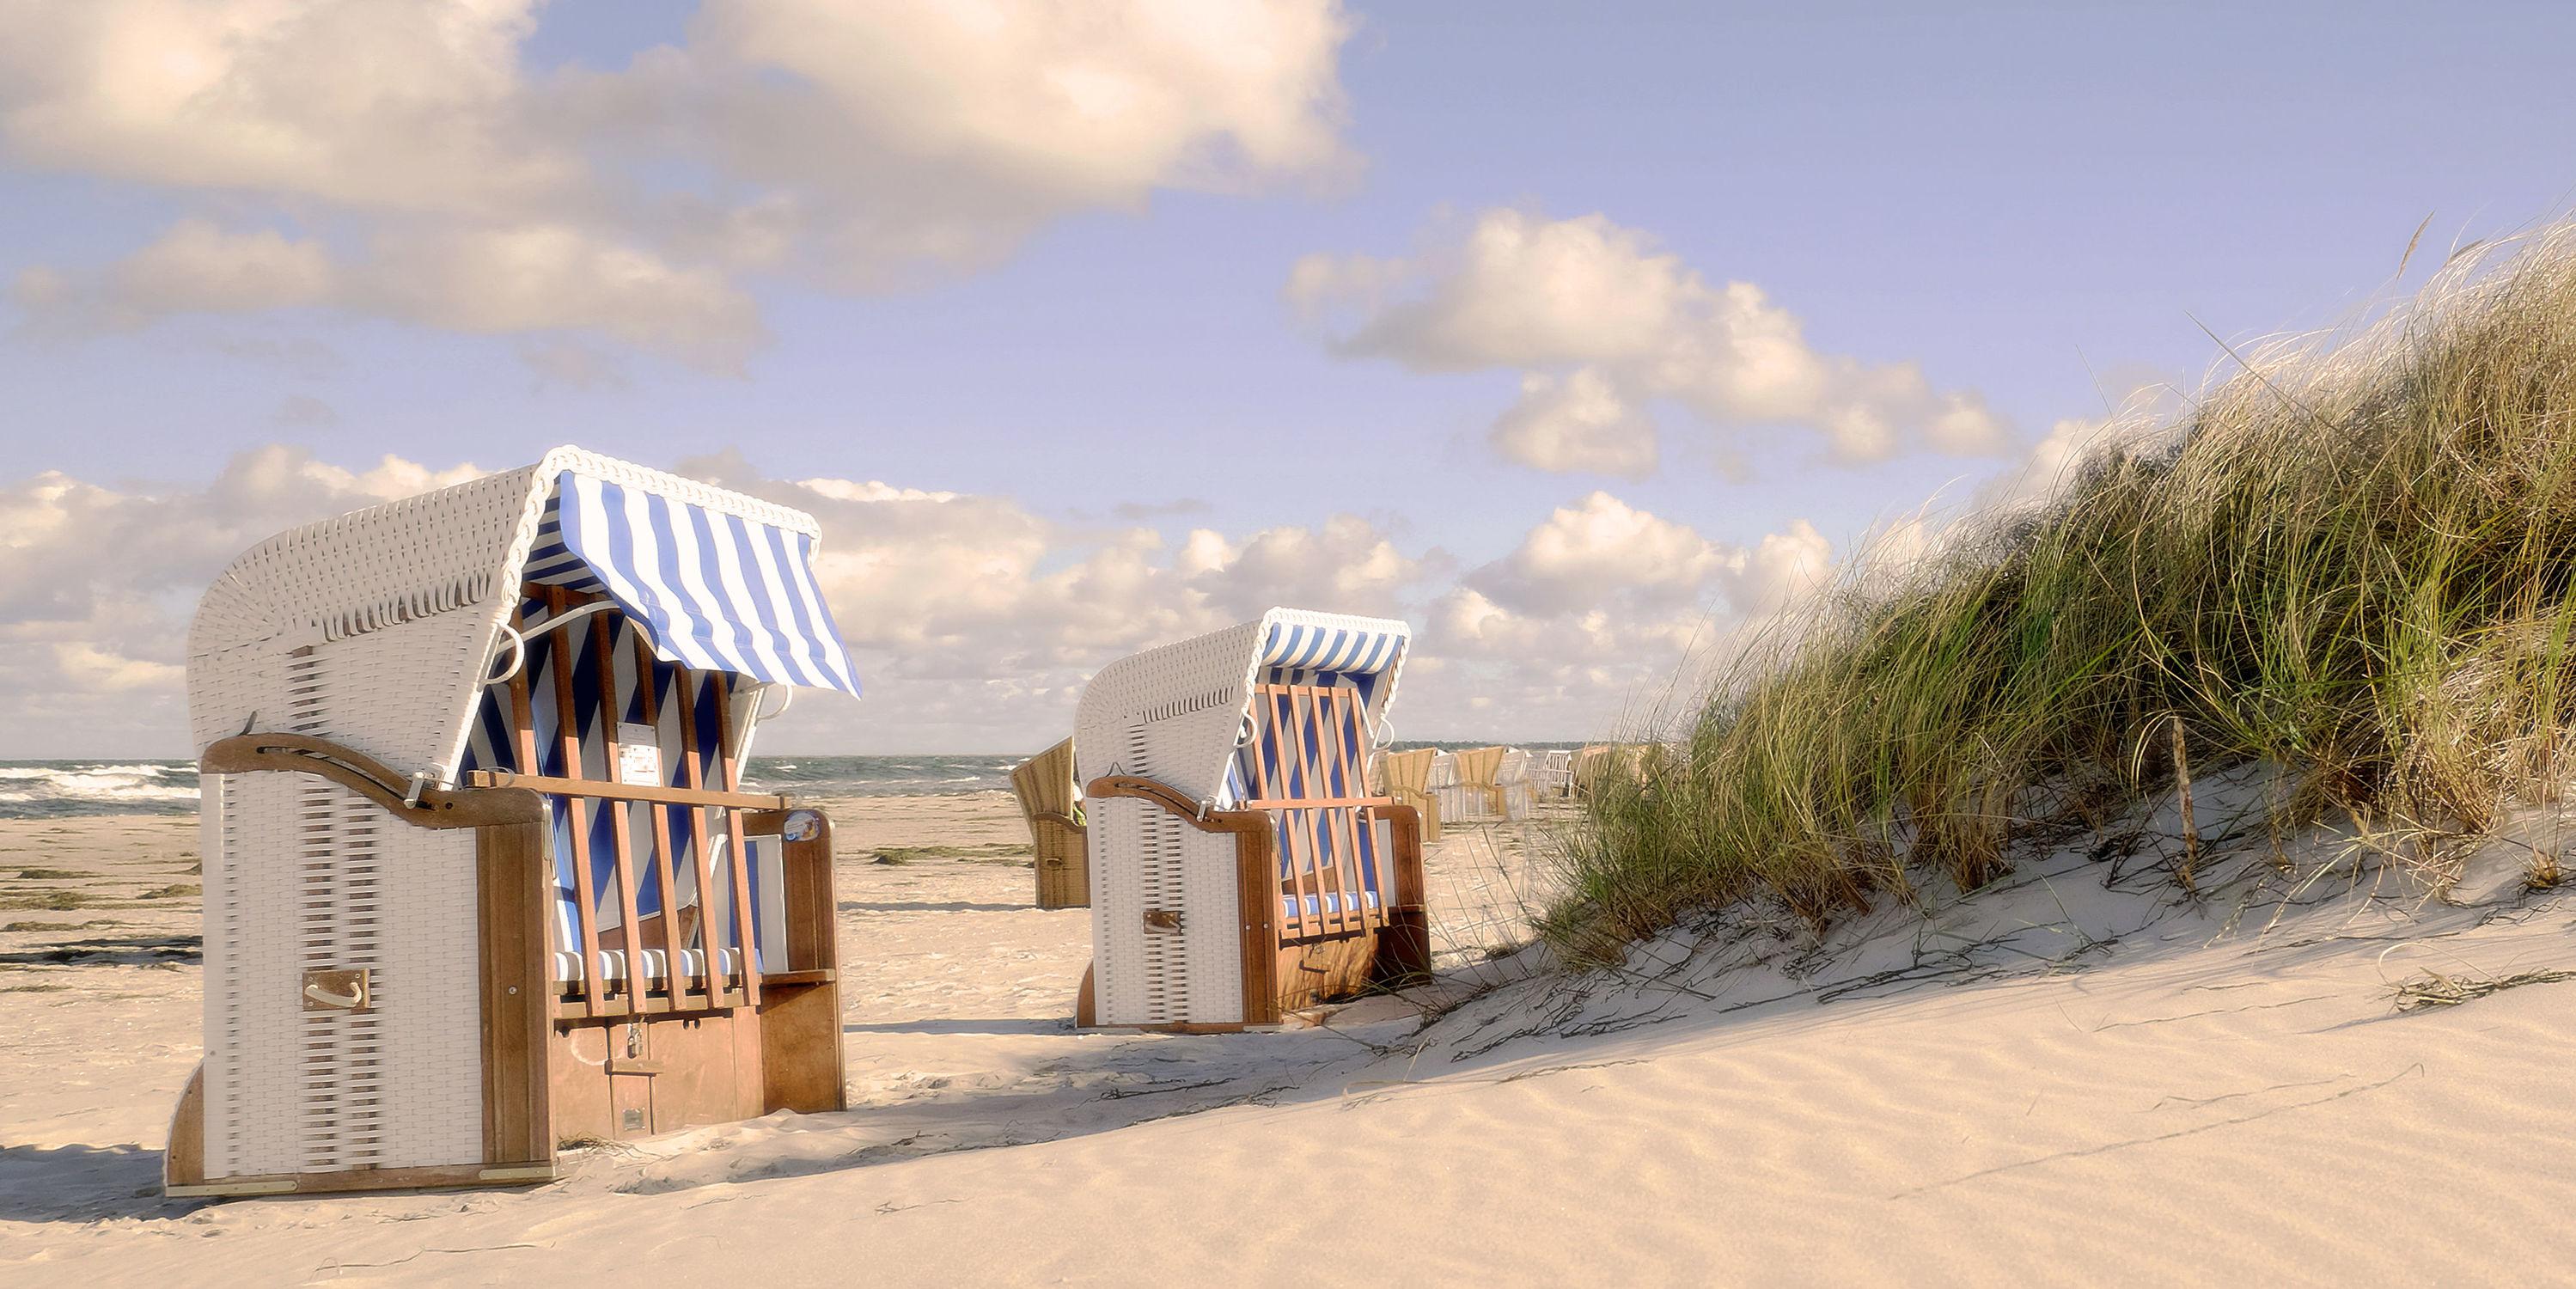 Bild mit Herbst, Strände, Urlaub, Strand, Strandkörbe, Ostsee, Meer, Dünen, Küste, Ostfriesische Inseln, Sonnenlicht, Ausspannen, Abendsonnenlicht